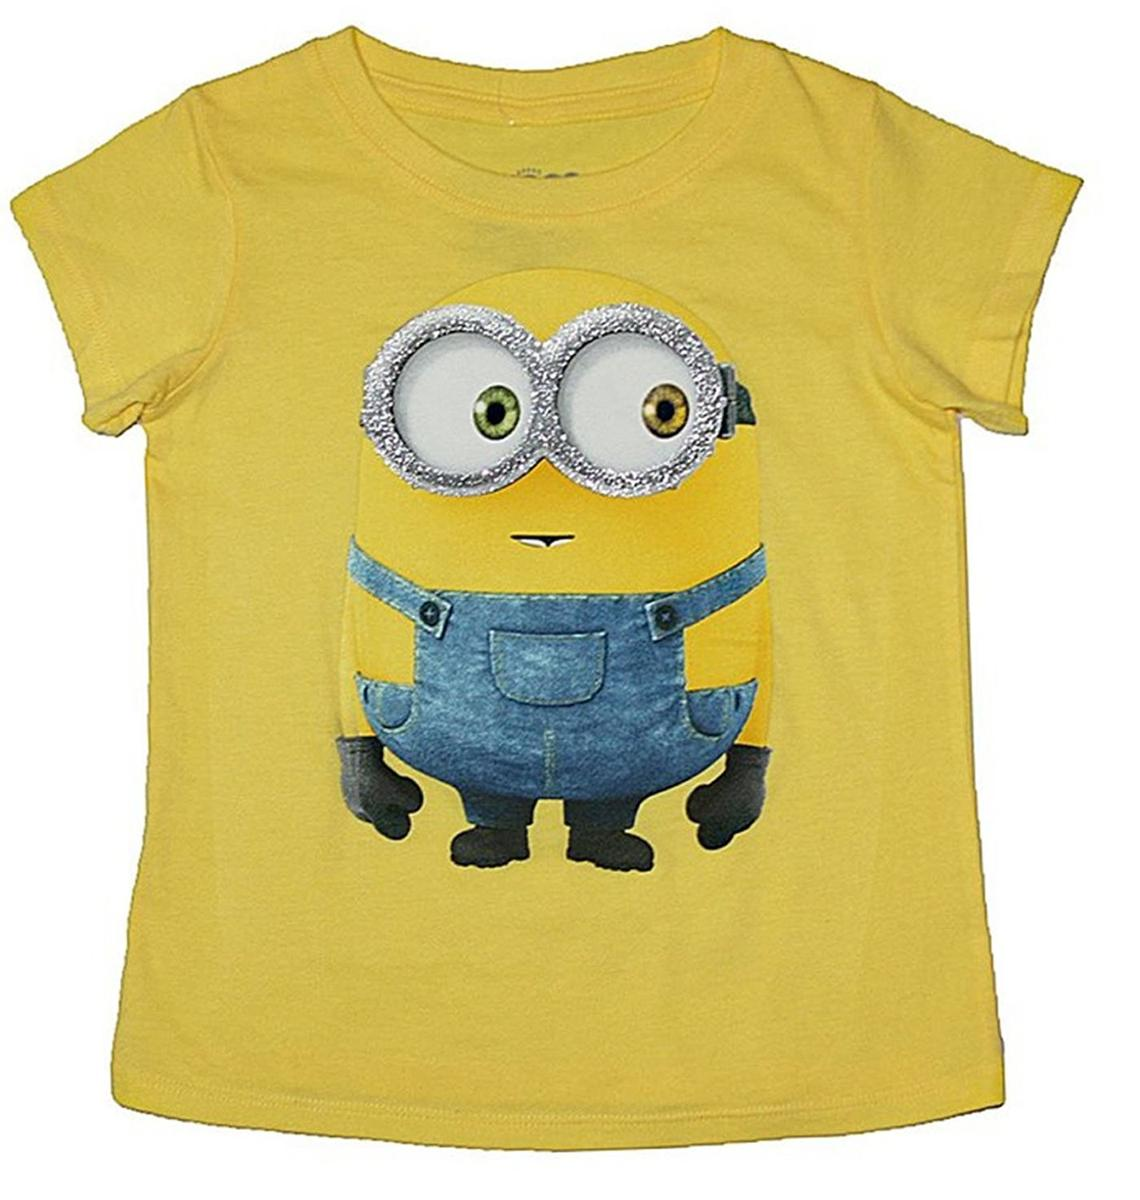 ミニオン Tシャツ 子供 黄色 ボブ キッズ キャラクター アパレル ファッション